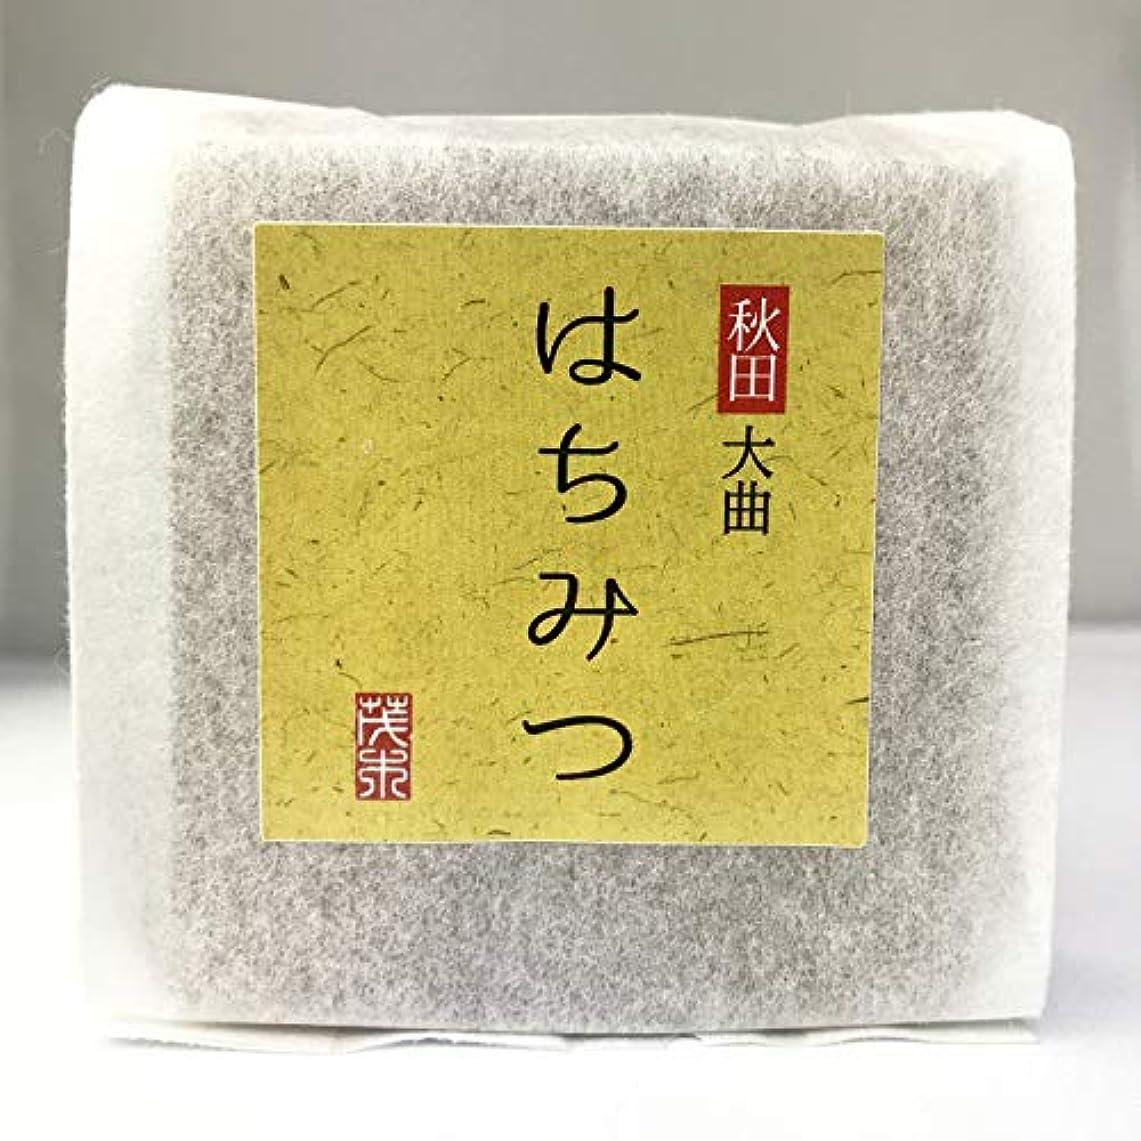 クルー大胆な理容師無添加石鹸 はちみつ石鹸 100g